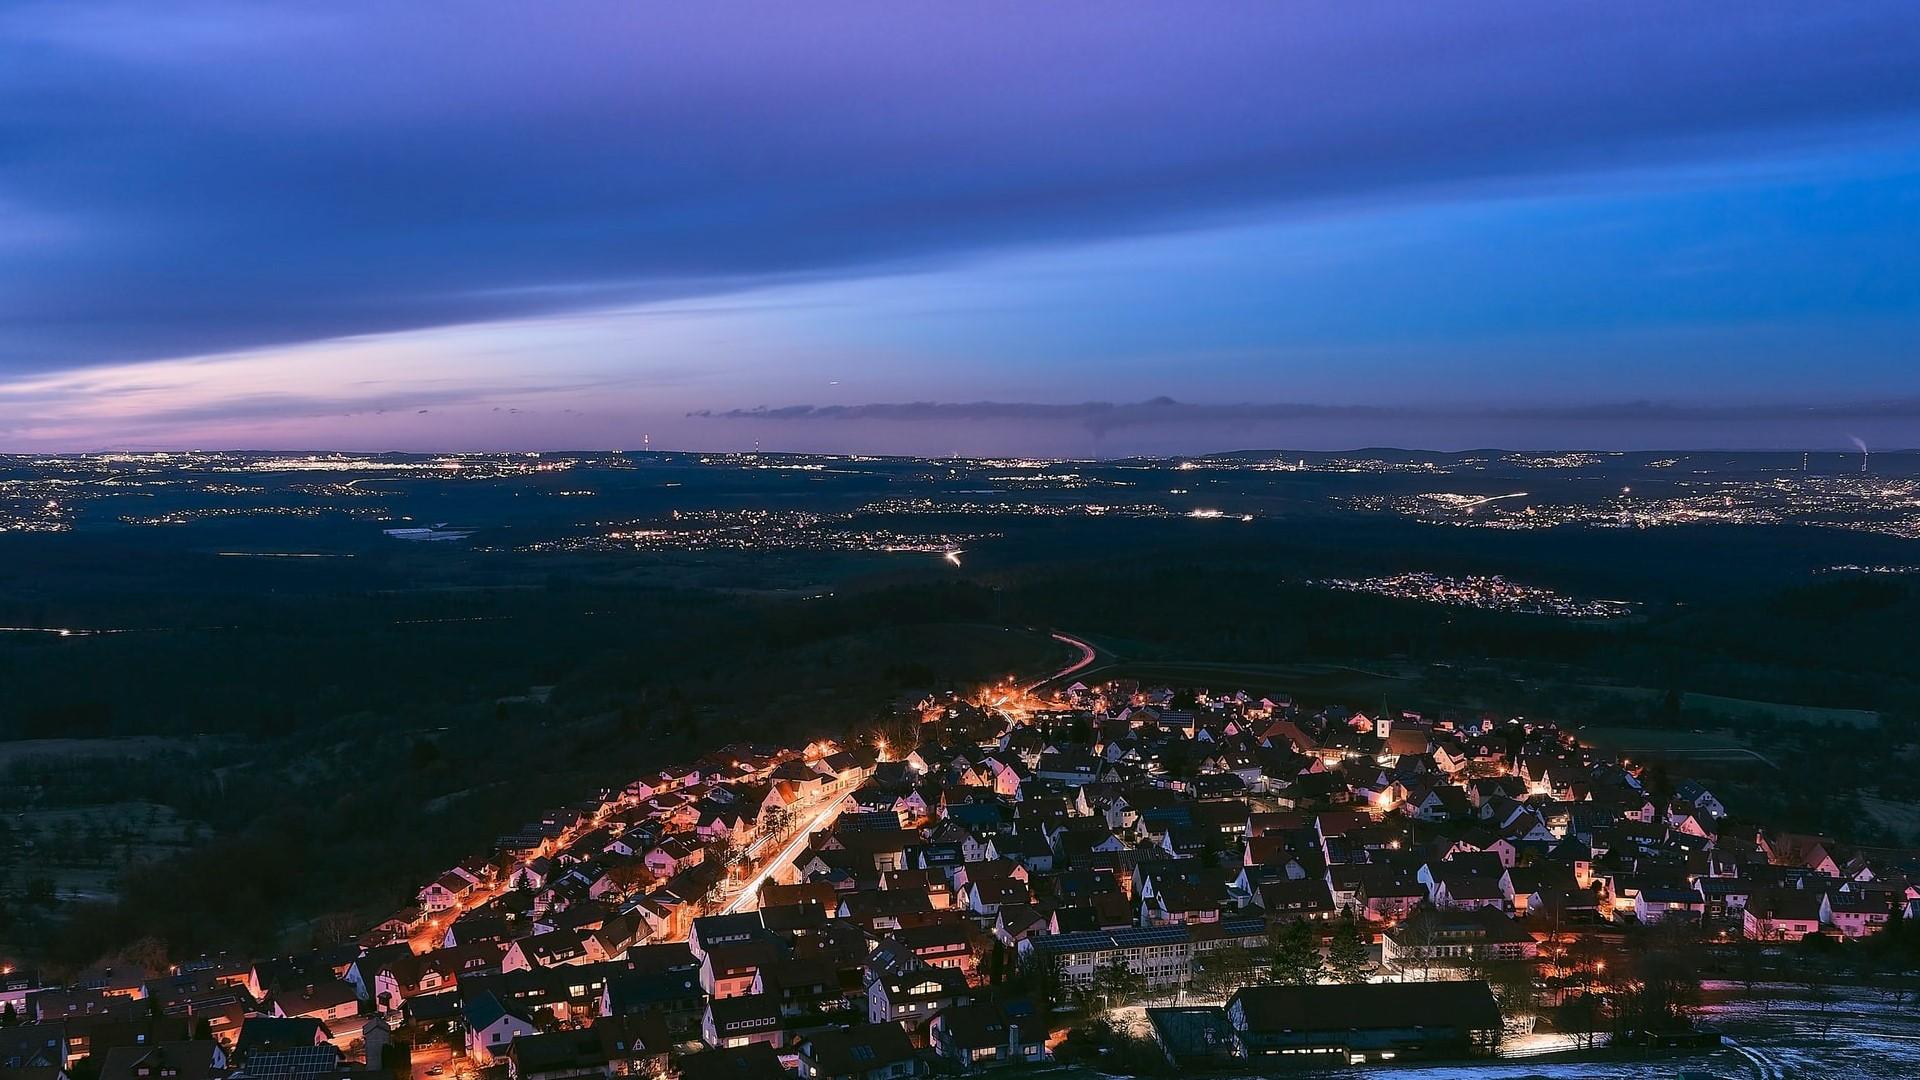 Eine hell erleuchtete Kleinstadt, umgeben von einem verschneiten Feld. In der Ferne sieht man die Lichter weiterer Städte in der Dunkelheit.